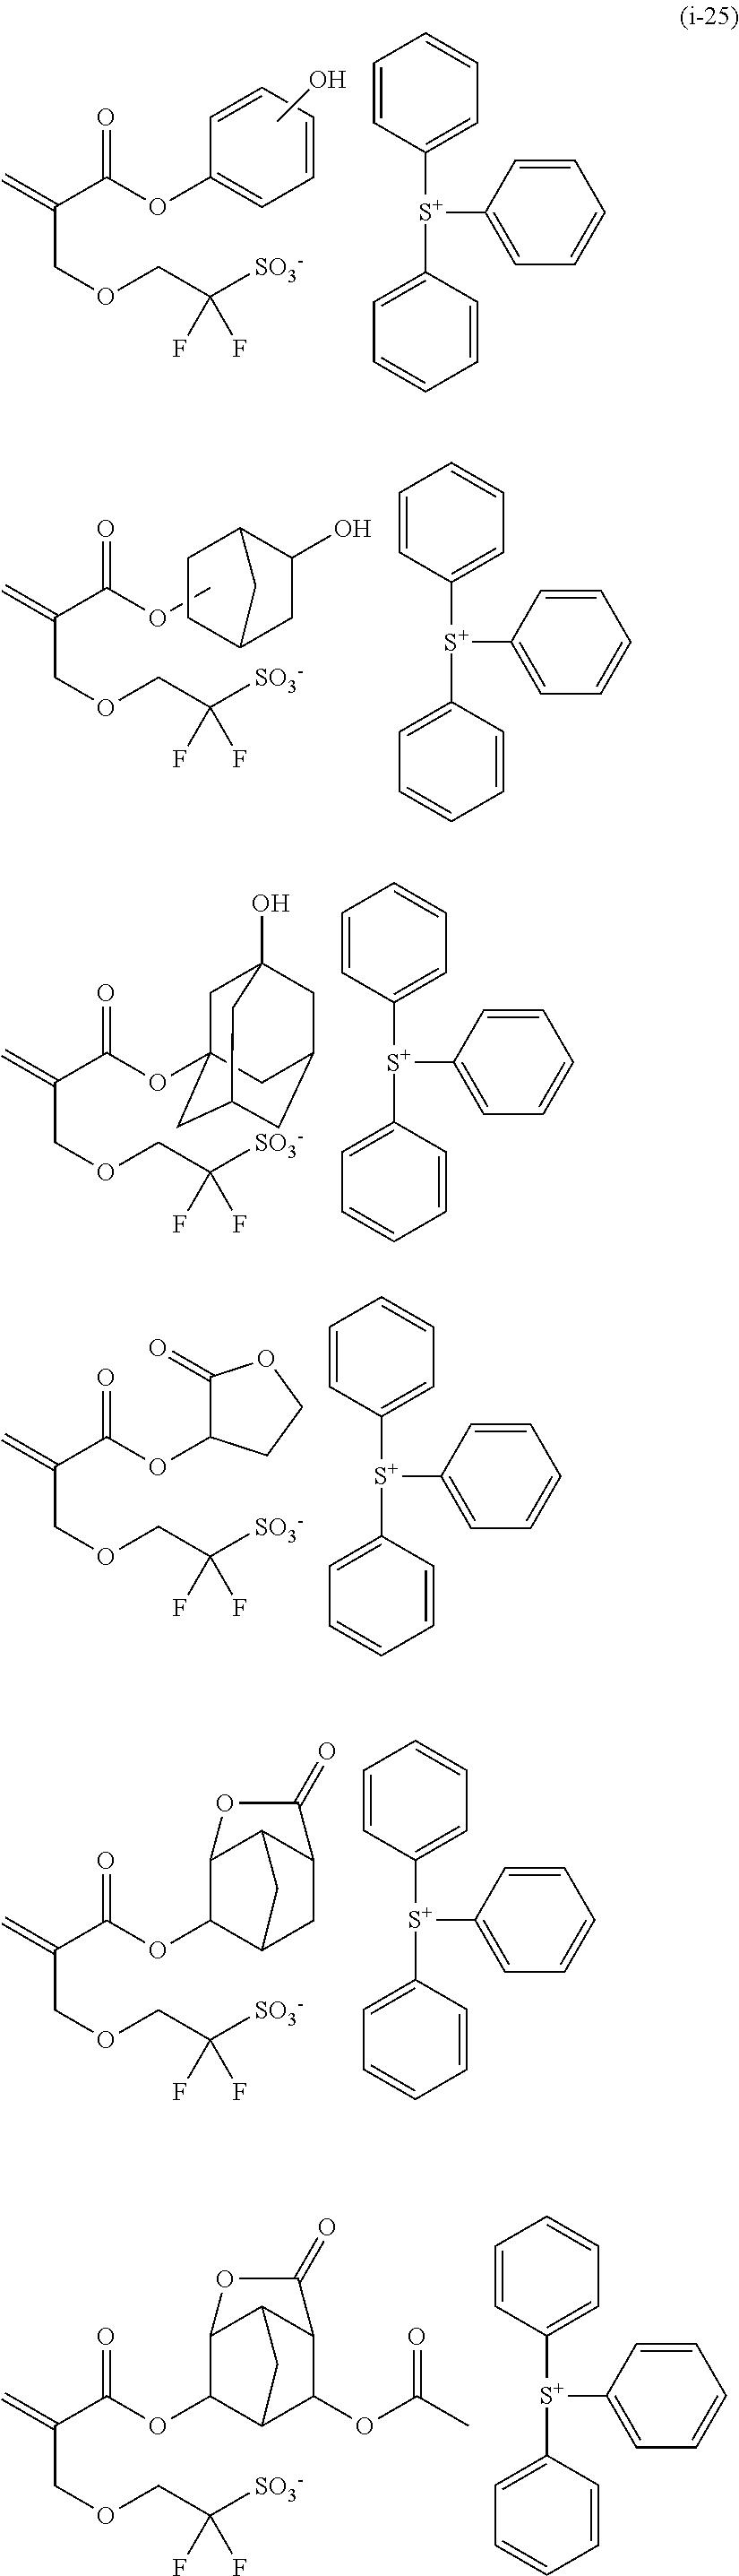 Figure US09488914-20161108-C00097